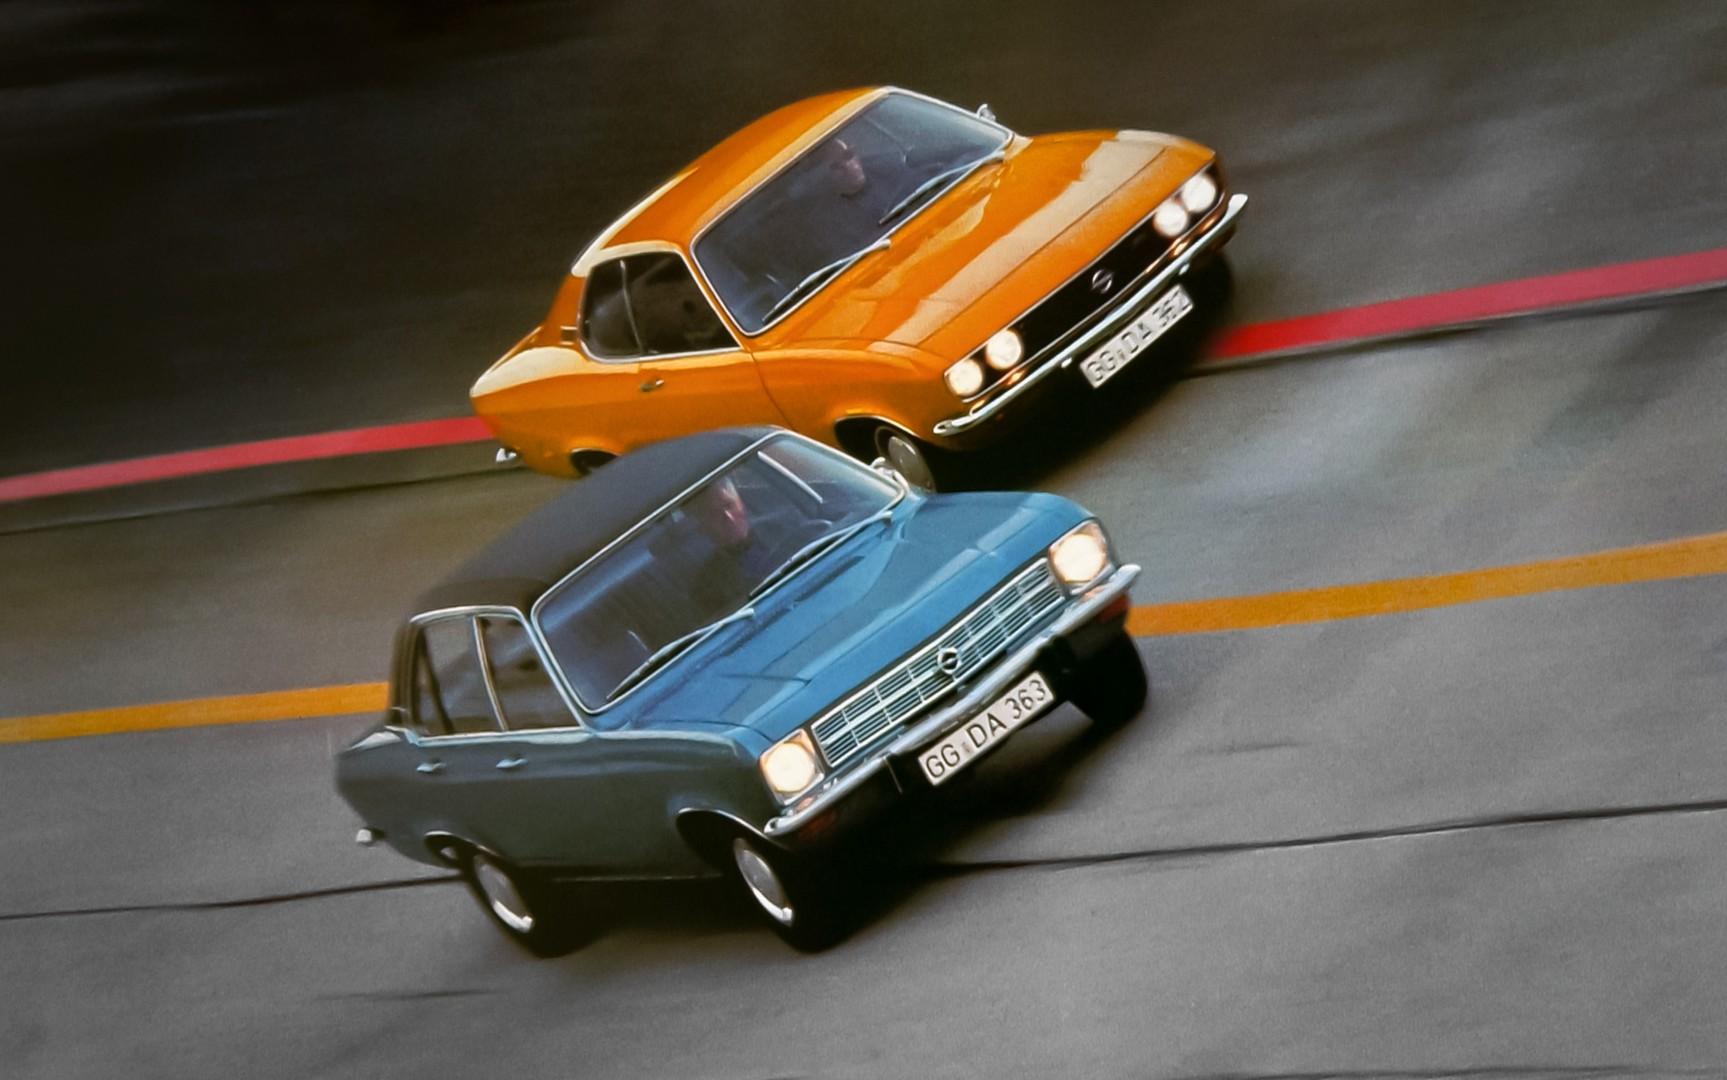 Opel Ascona - Opel Manta